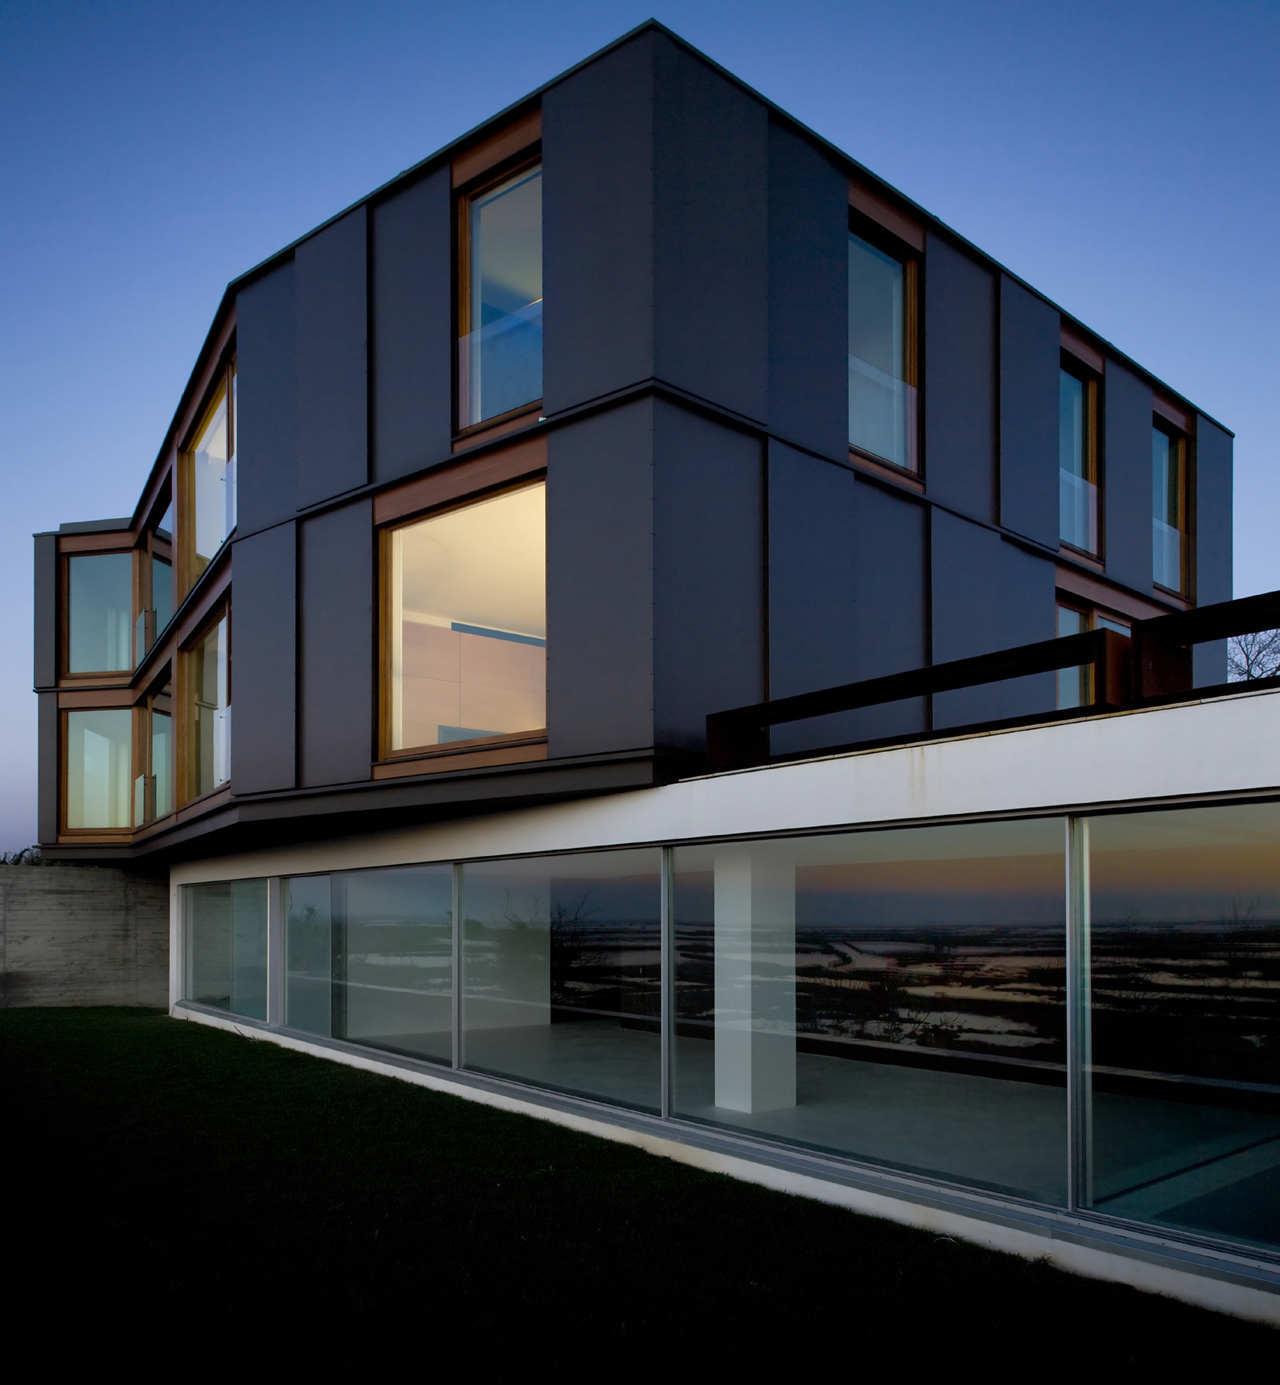 Houses Over The Ria De Aveiro / RVDM, © FG+SG